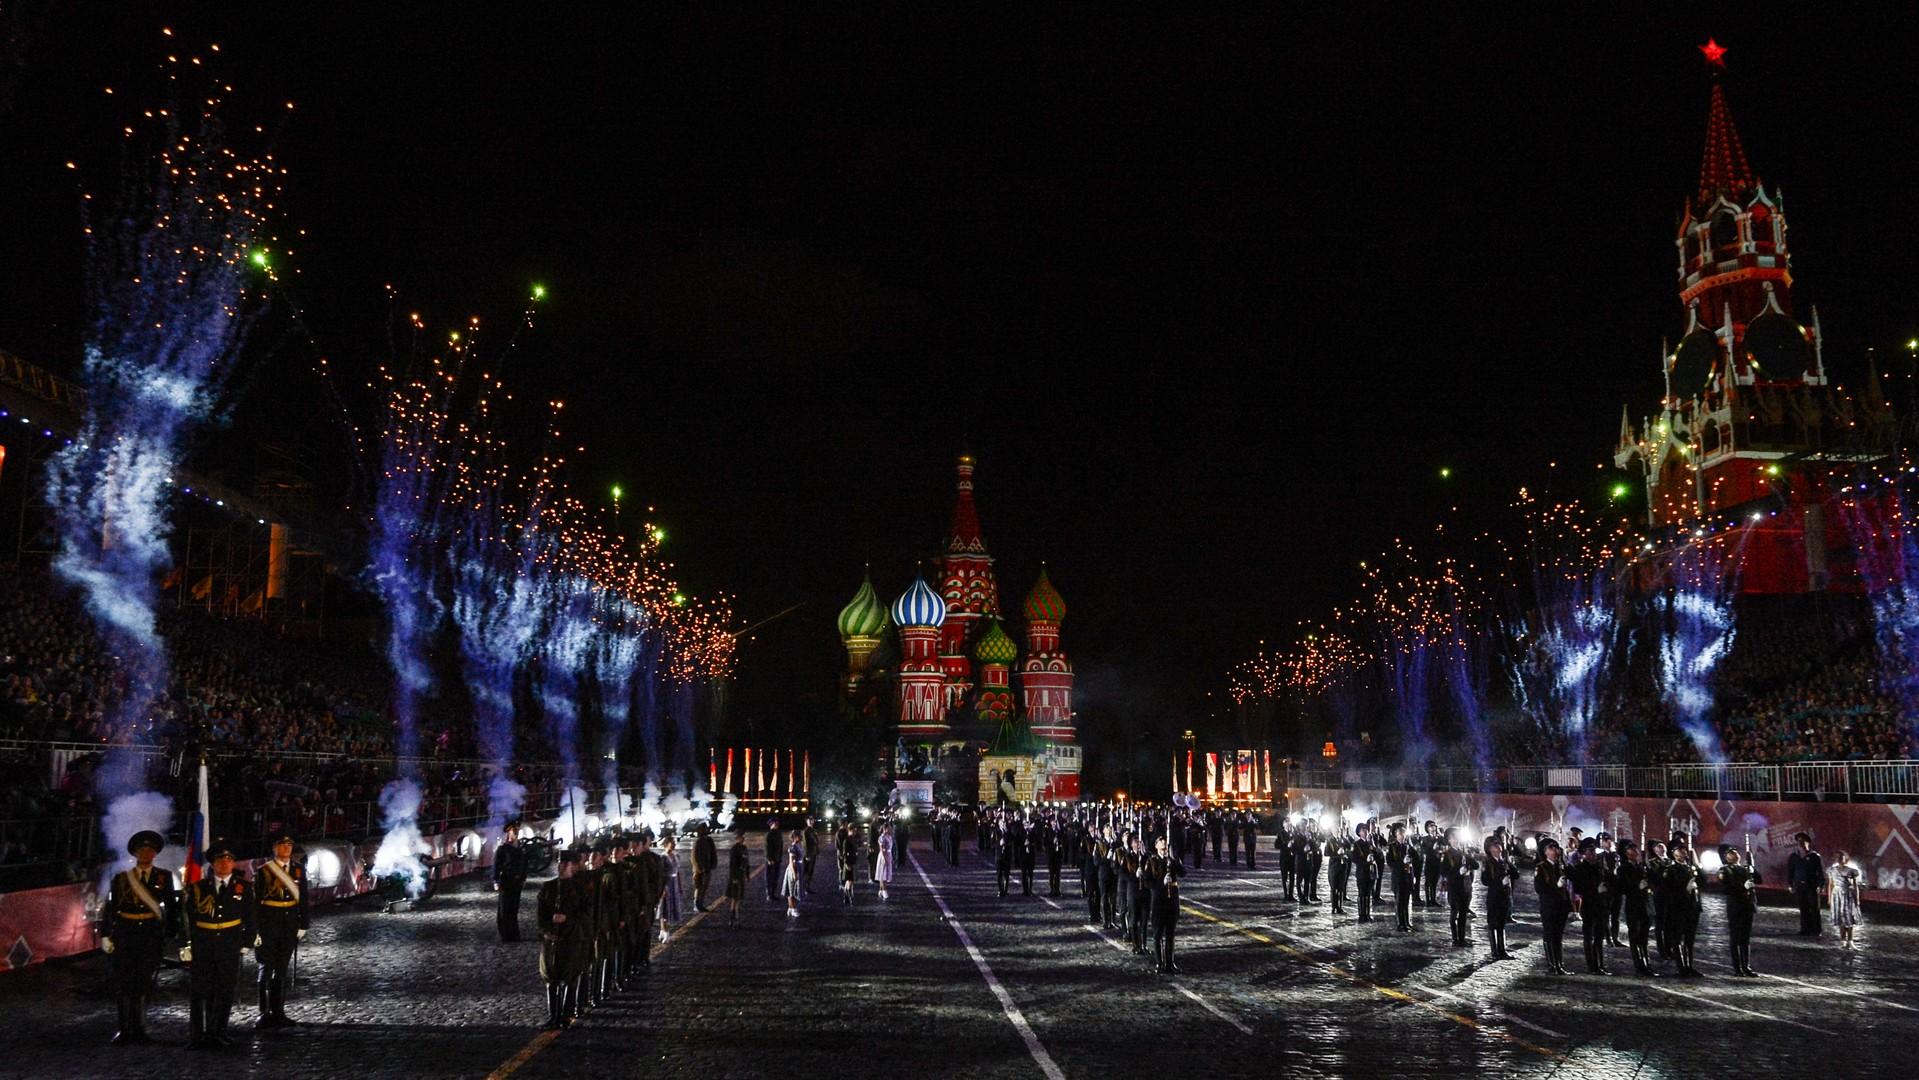 Pour la 868ème anniversaire, Moscou a vu un festival international de musique militaire. Les meilleures orchestres et fanfares militaires russes mais aussi étrangères, des groupes folkloriques et les gardes d'honneurs de chefs d'Etat y ont participé.